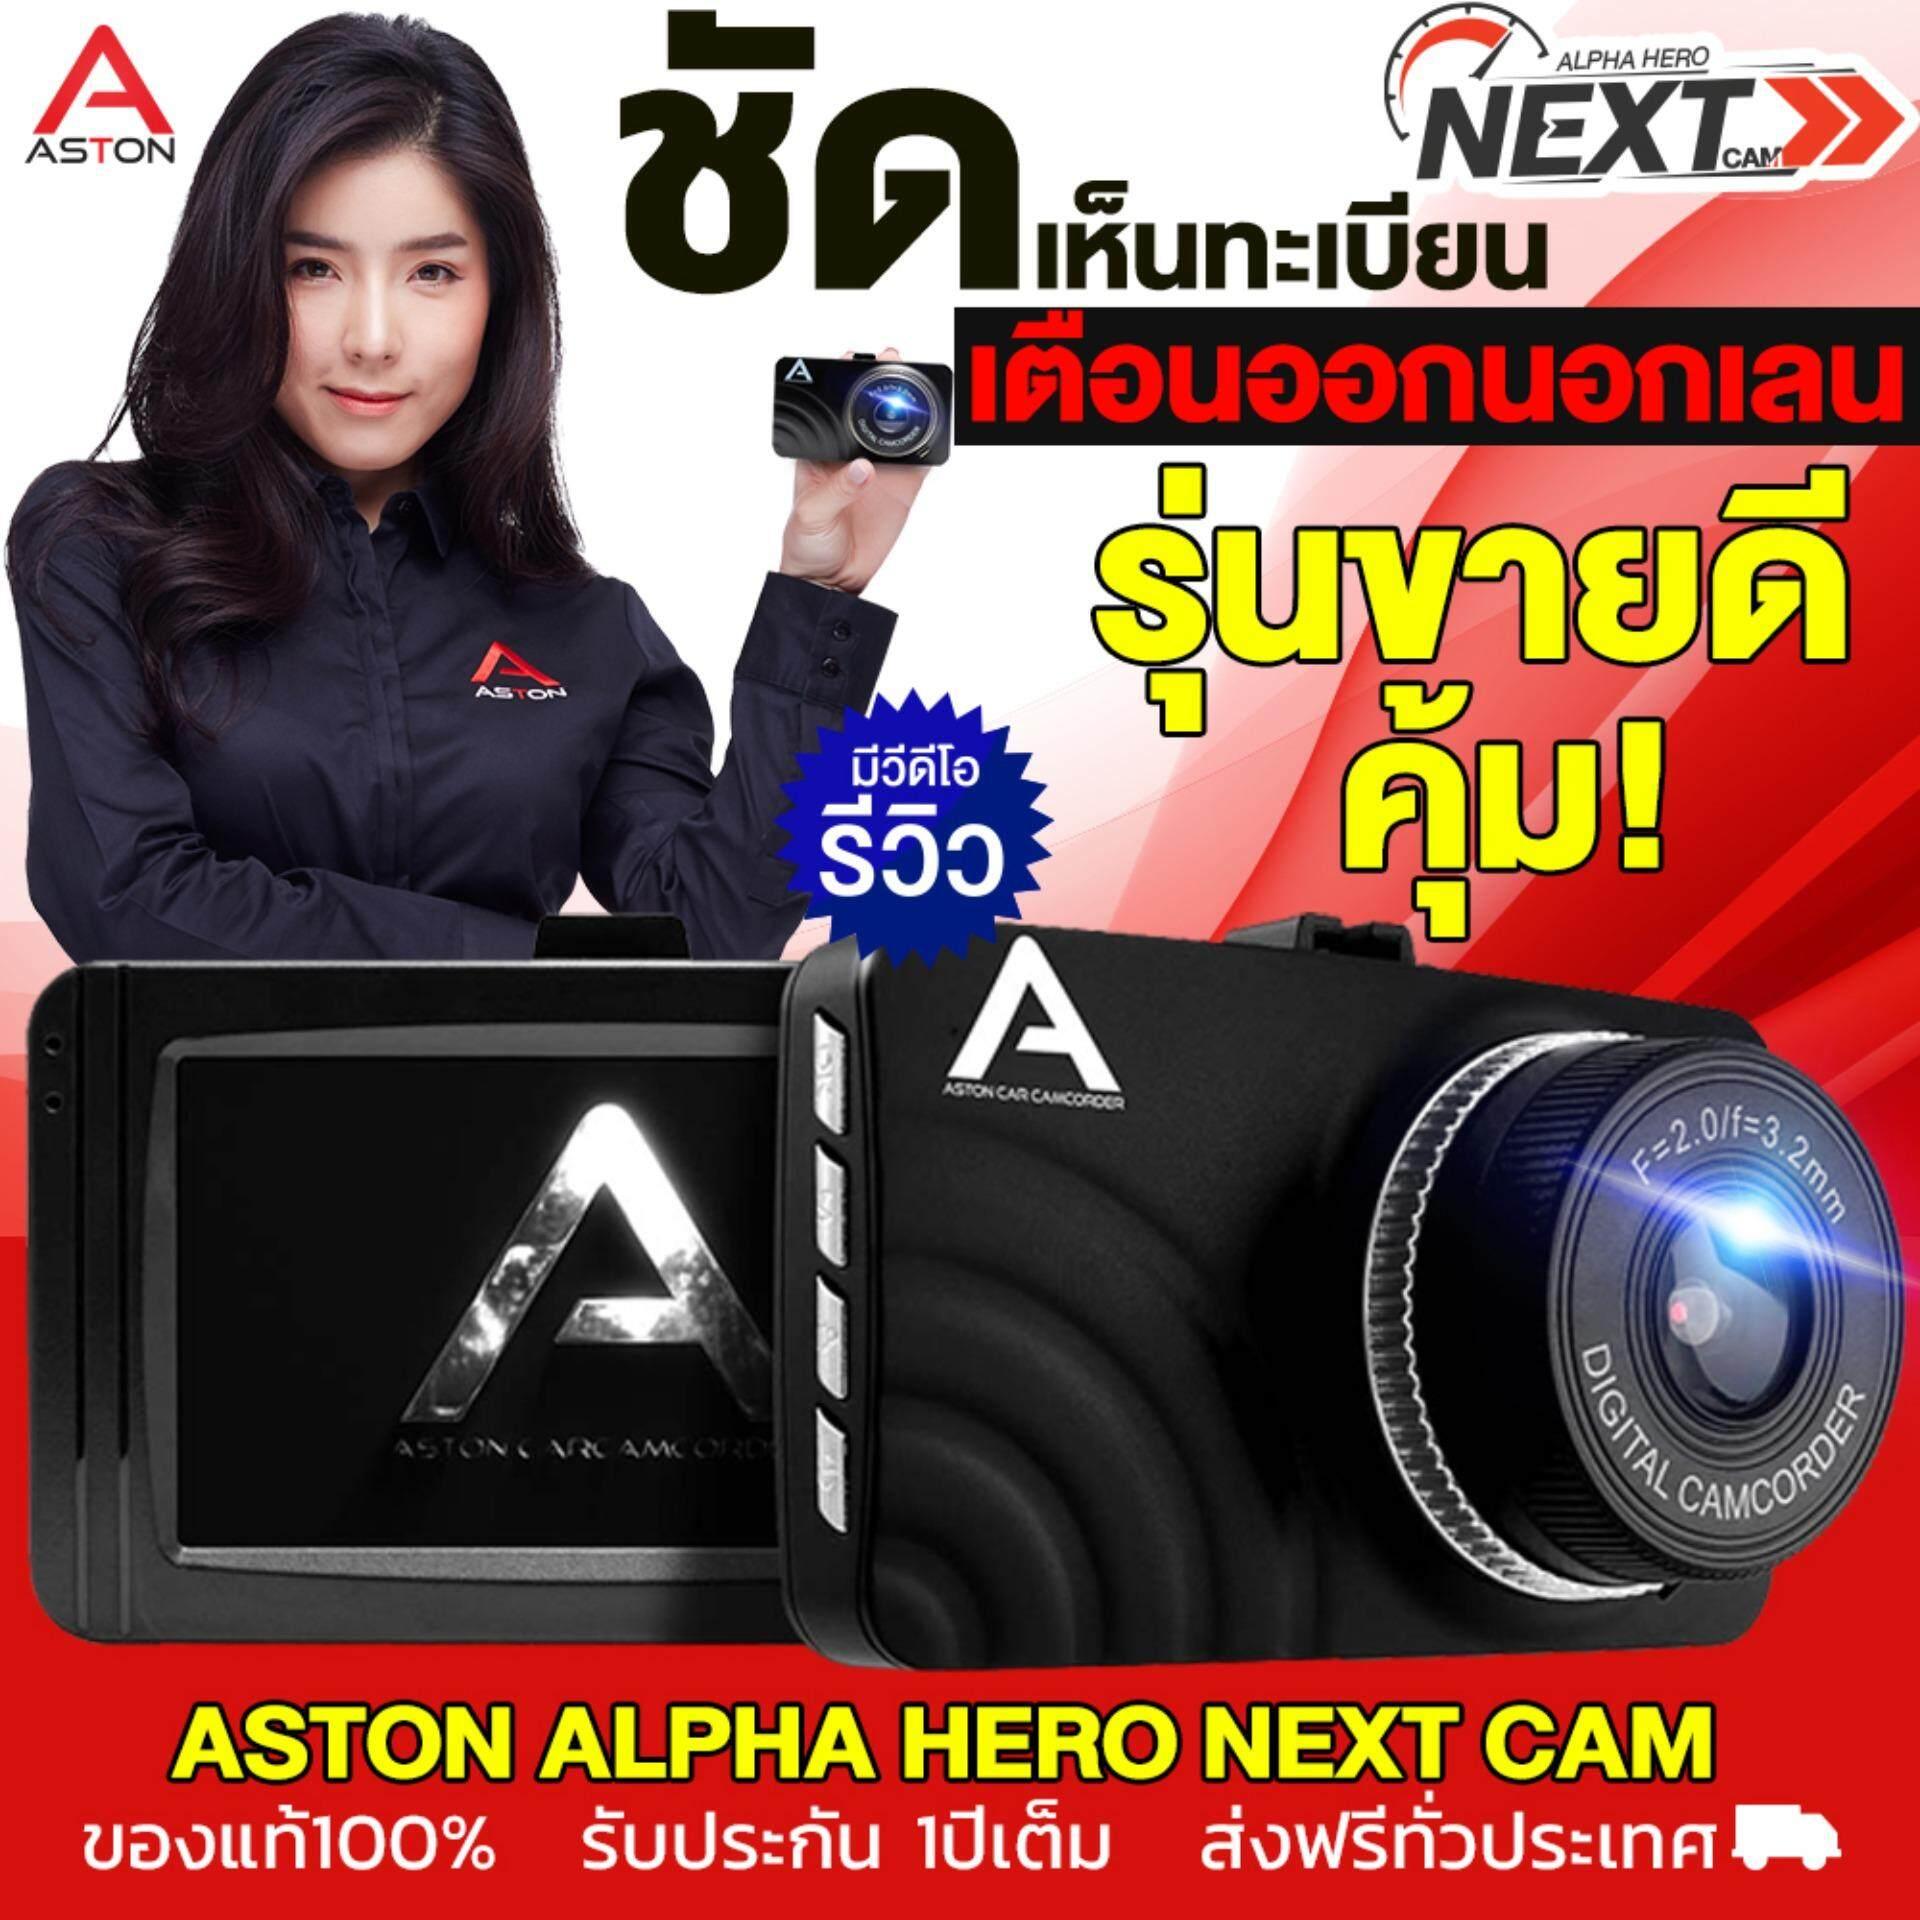 ASTON Alpha Hero Next Cam กล้องติดรถยนต์ เตือนออกนอกเลน+จอกว้าง+ถ่ายชัด+เห็นทะเบียน+บันทึกอัตโนมัติเมื่อเกิดแรงกระแทก แถมฟรี! ขาดูดกระจกสูญญากาศสำหรับติดตั้งกล้อง